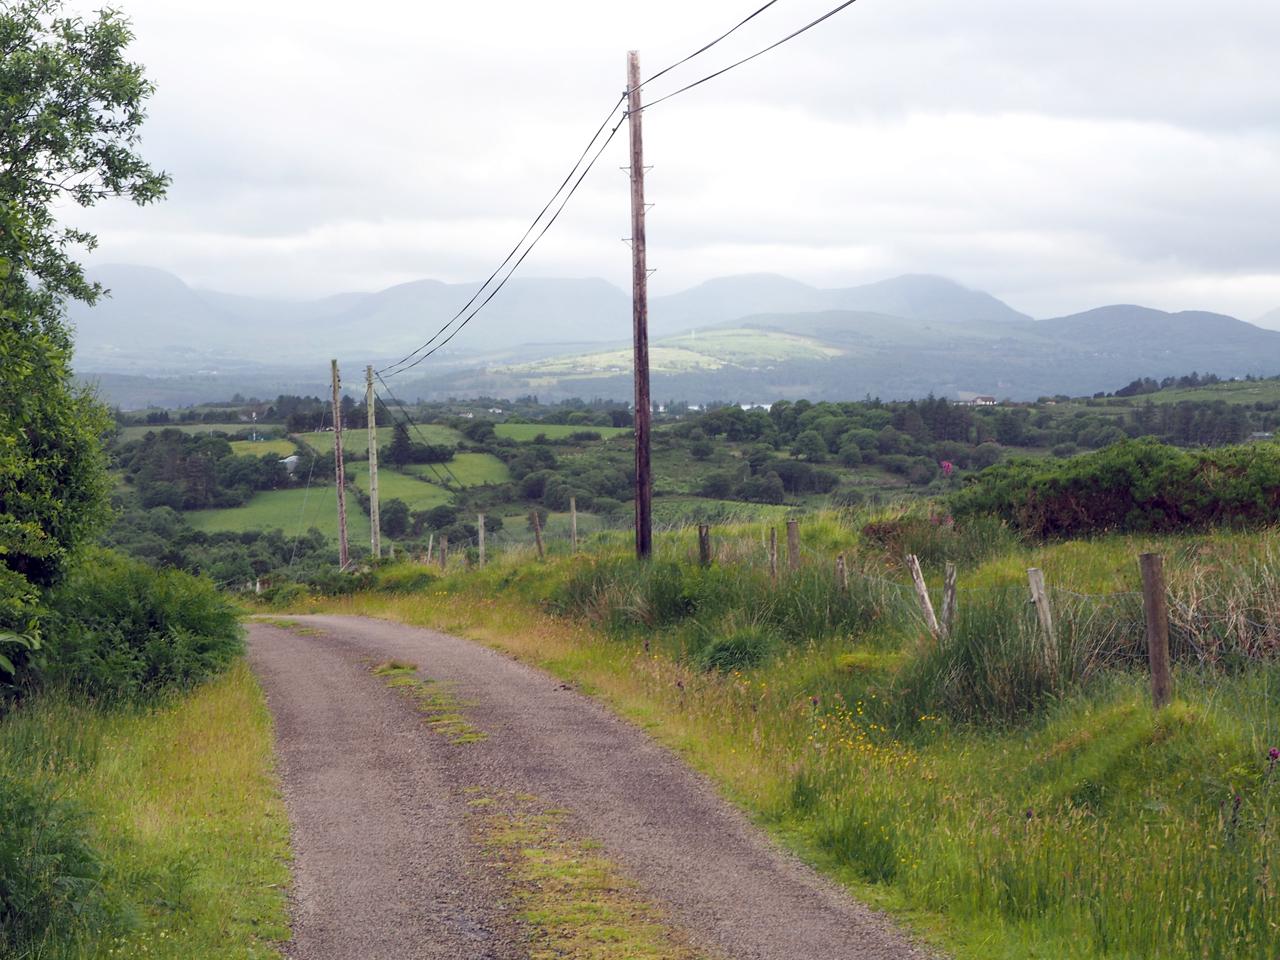 ontspannen wandeling naar het dal